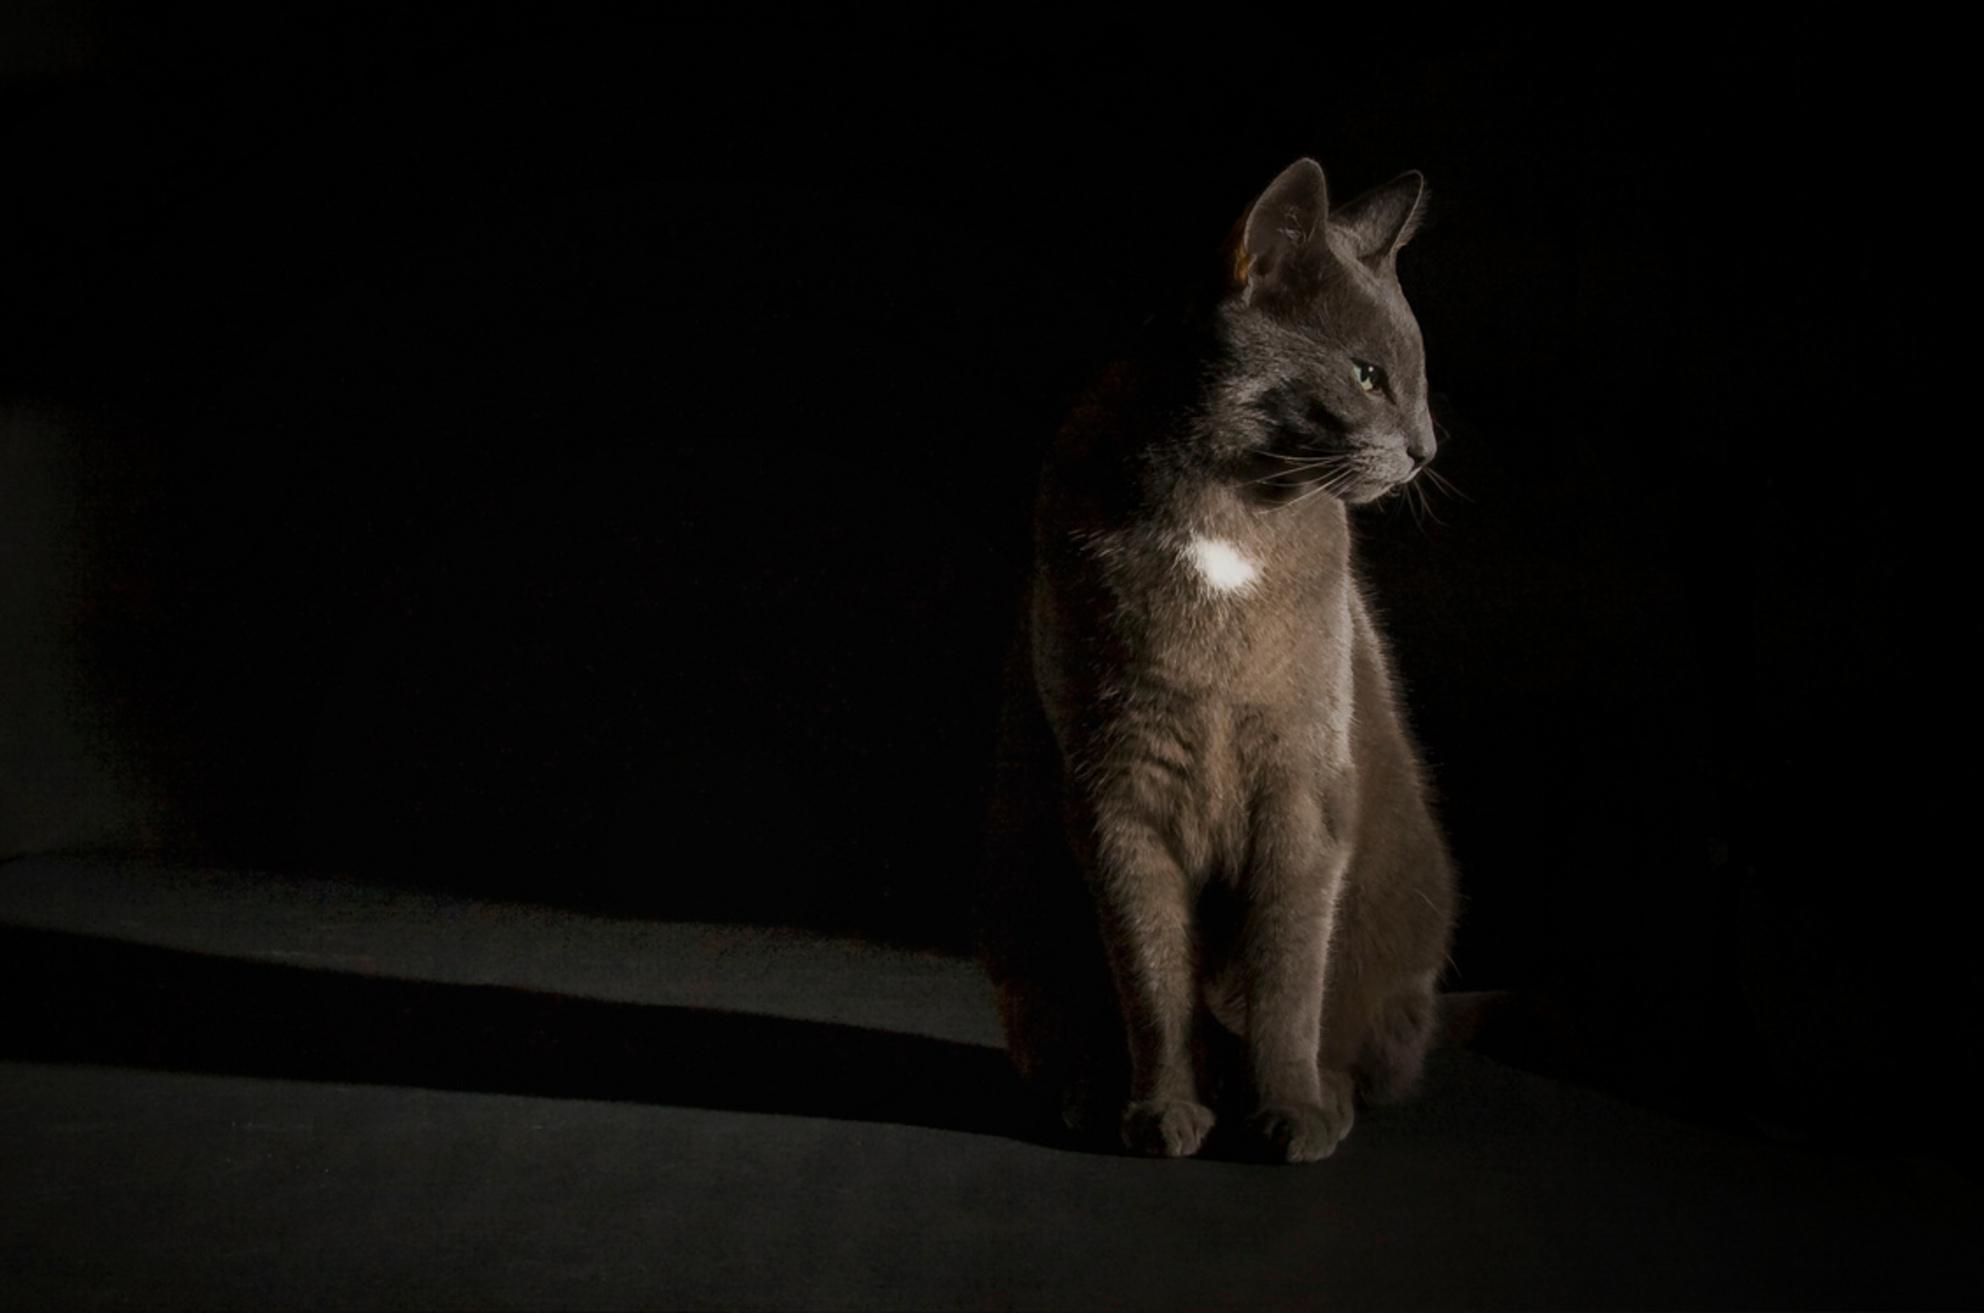 Gijs - Portretje van Gijs. Gelukkig vond hij het goed. - foto door suus72 op 30-09-2012 - deze foto bevat: donker, wit, licht, poes, zwart, huisdier, flits, kat, kater, grijs, pootjes, flitser, strobist, low-key, Blauwe Rus - Deze foto mag gebruikt worden in een Zoom.nl publicatie